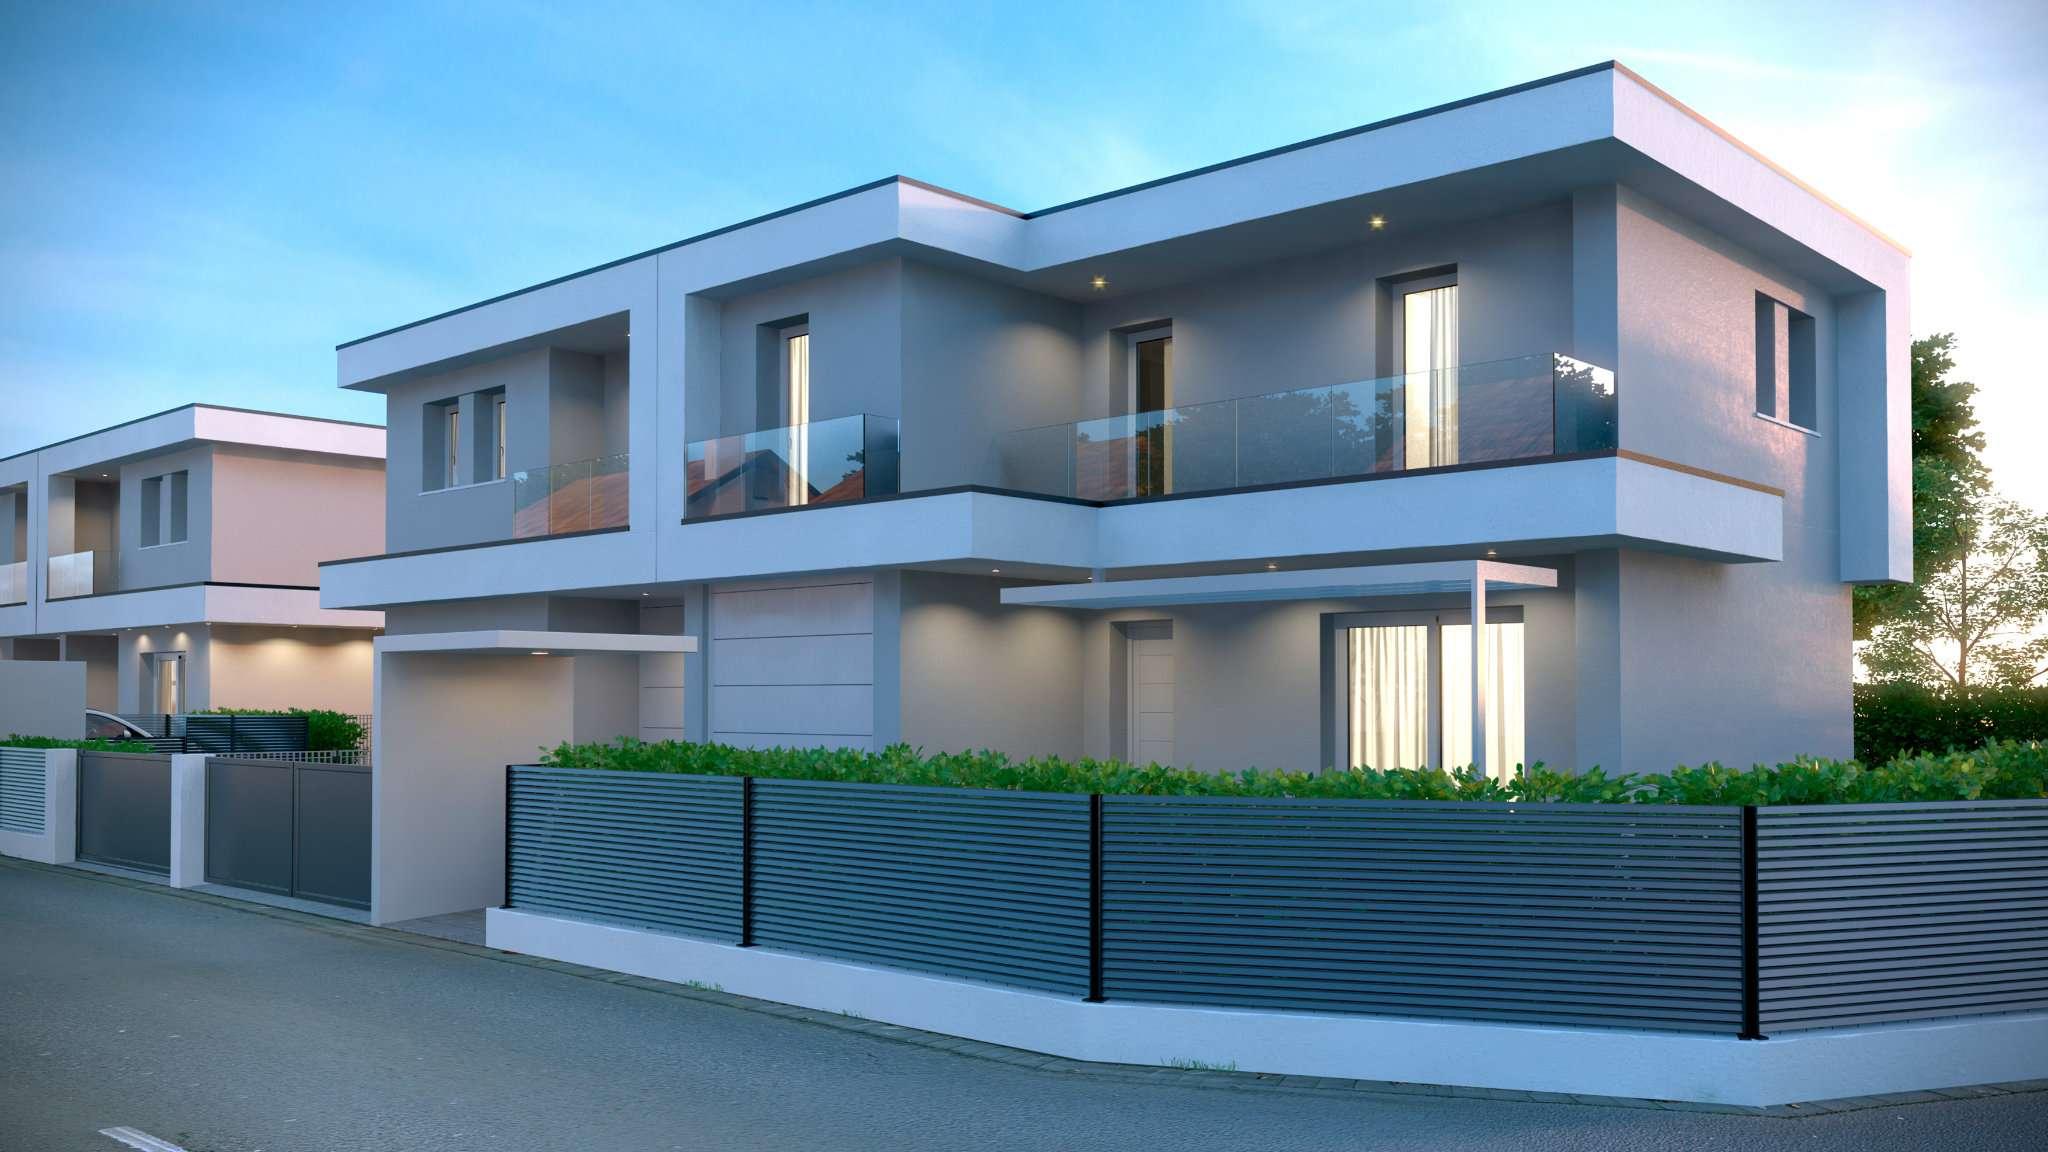 Ville bifamiliari in vendita a castelfranco veneto for Ville bifamiliari moderne